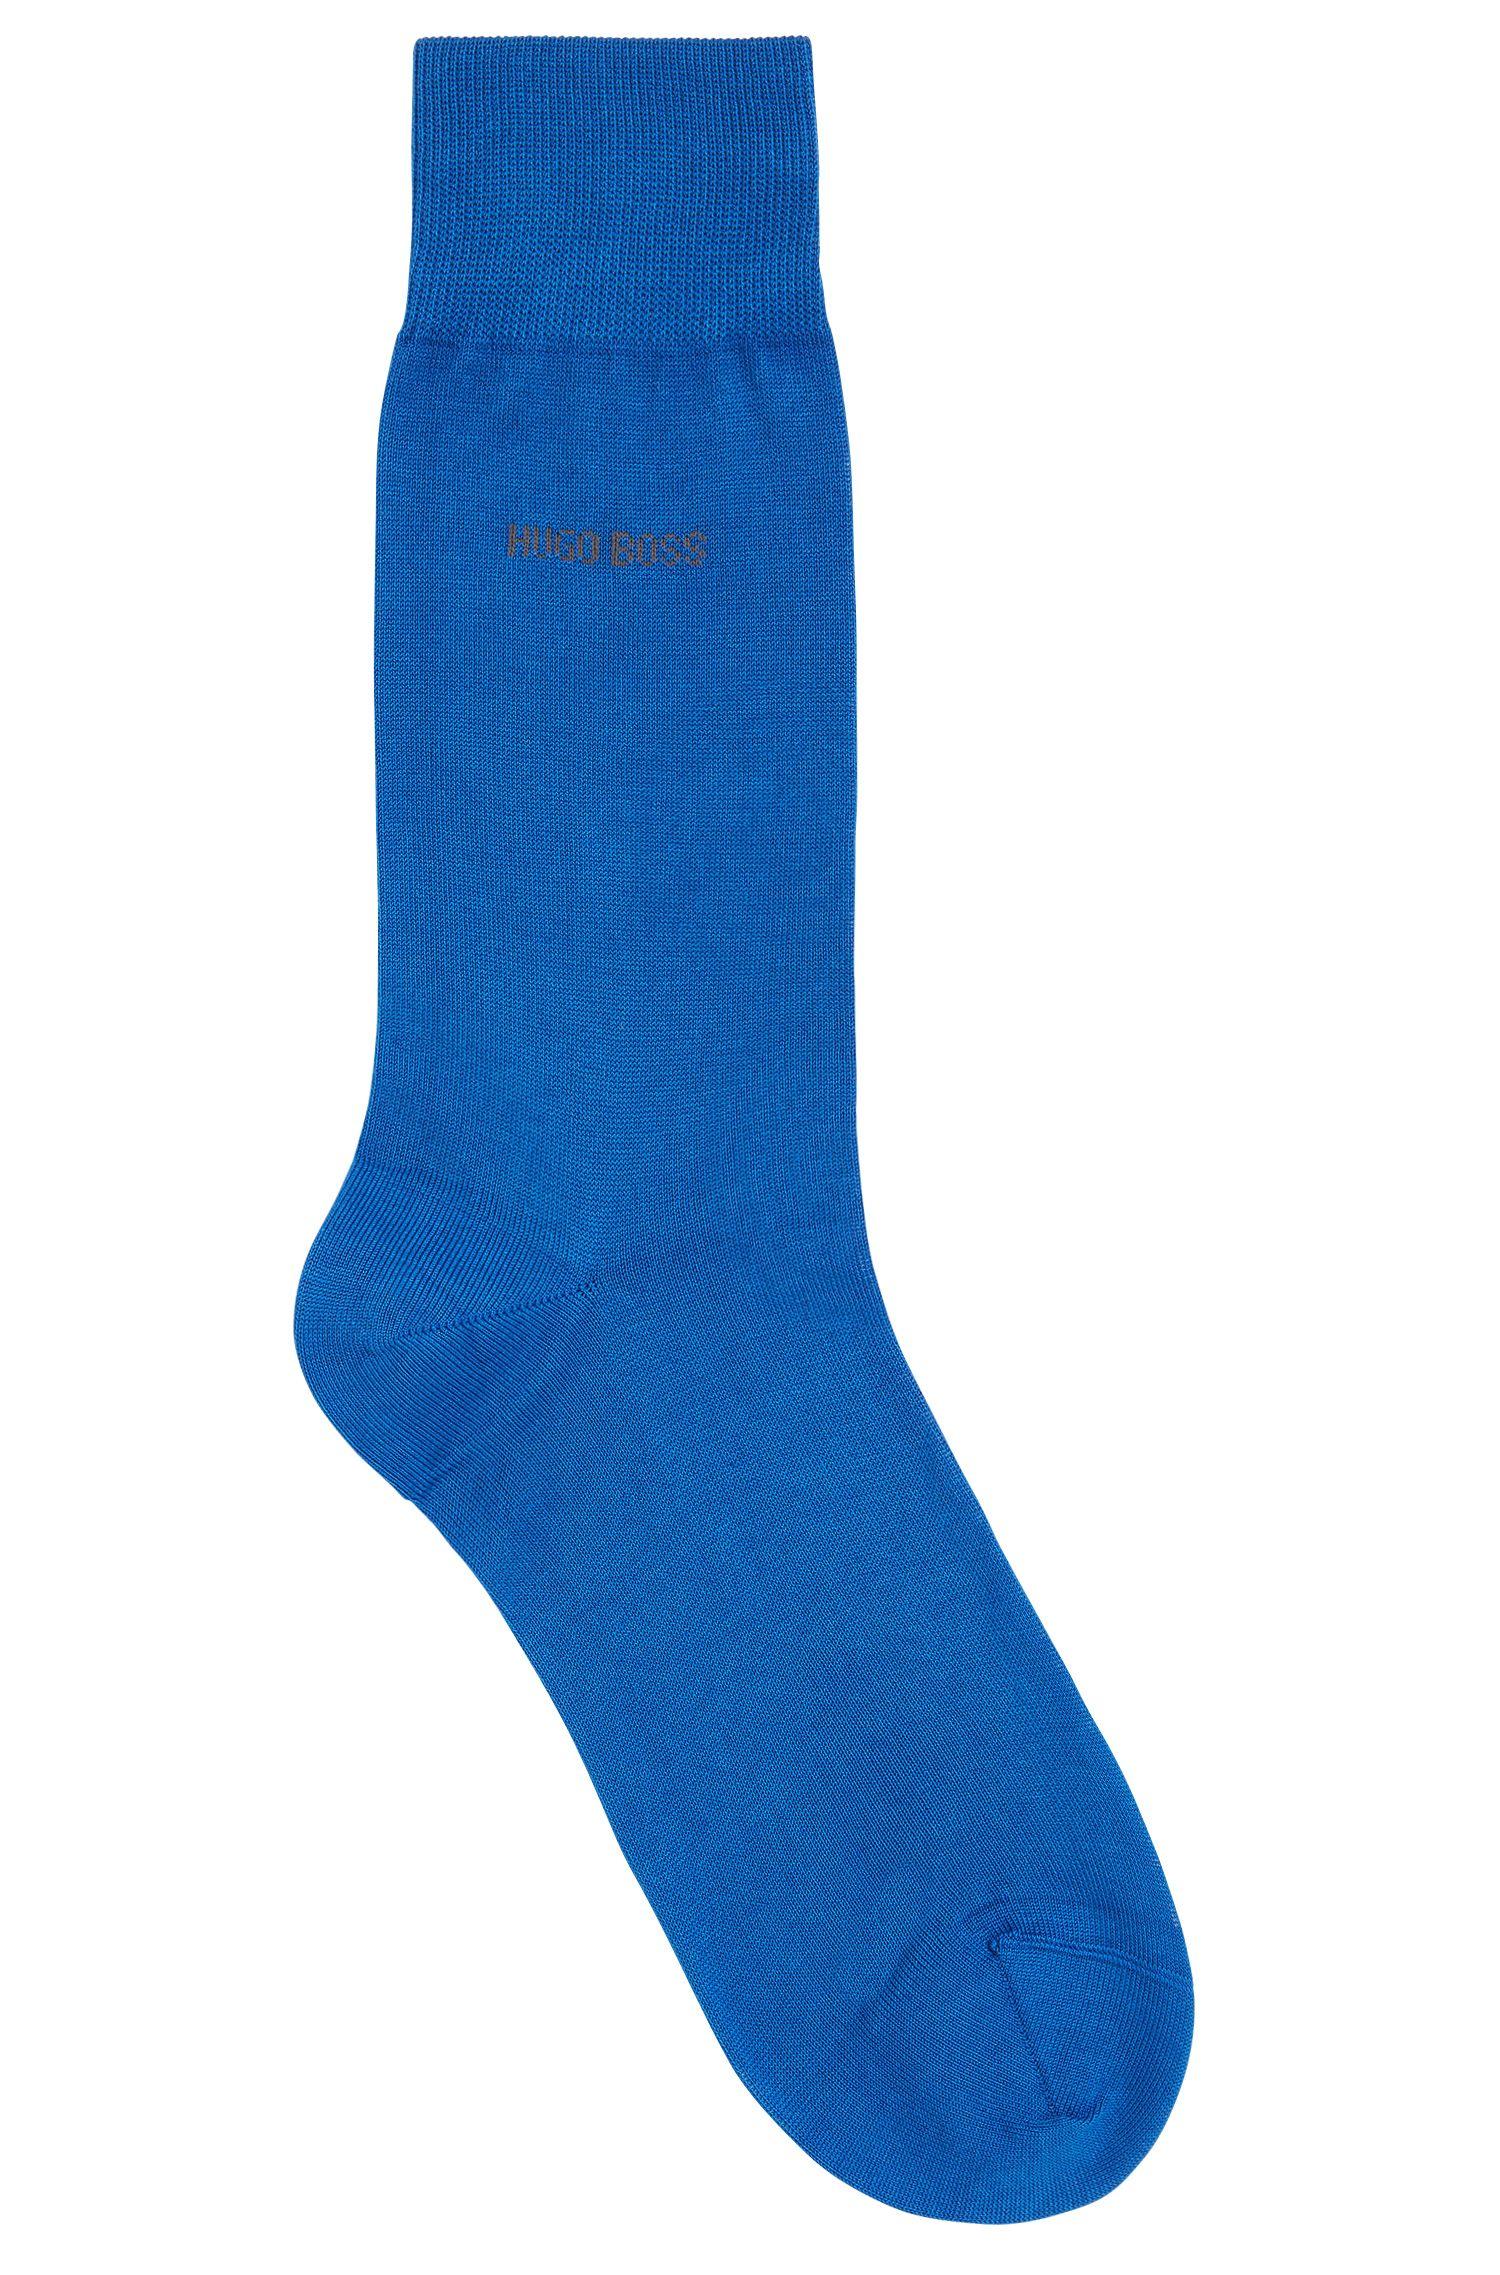 Socken aus merzerisierter Baumwolle